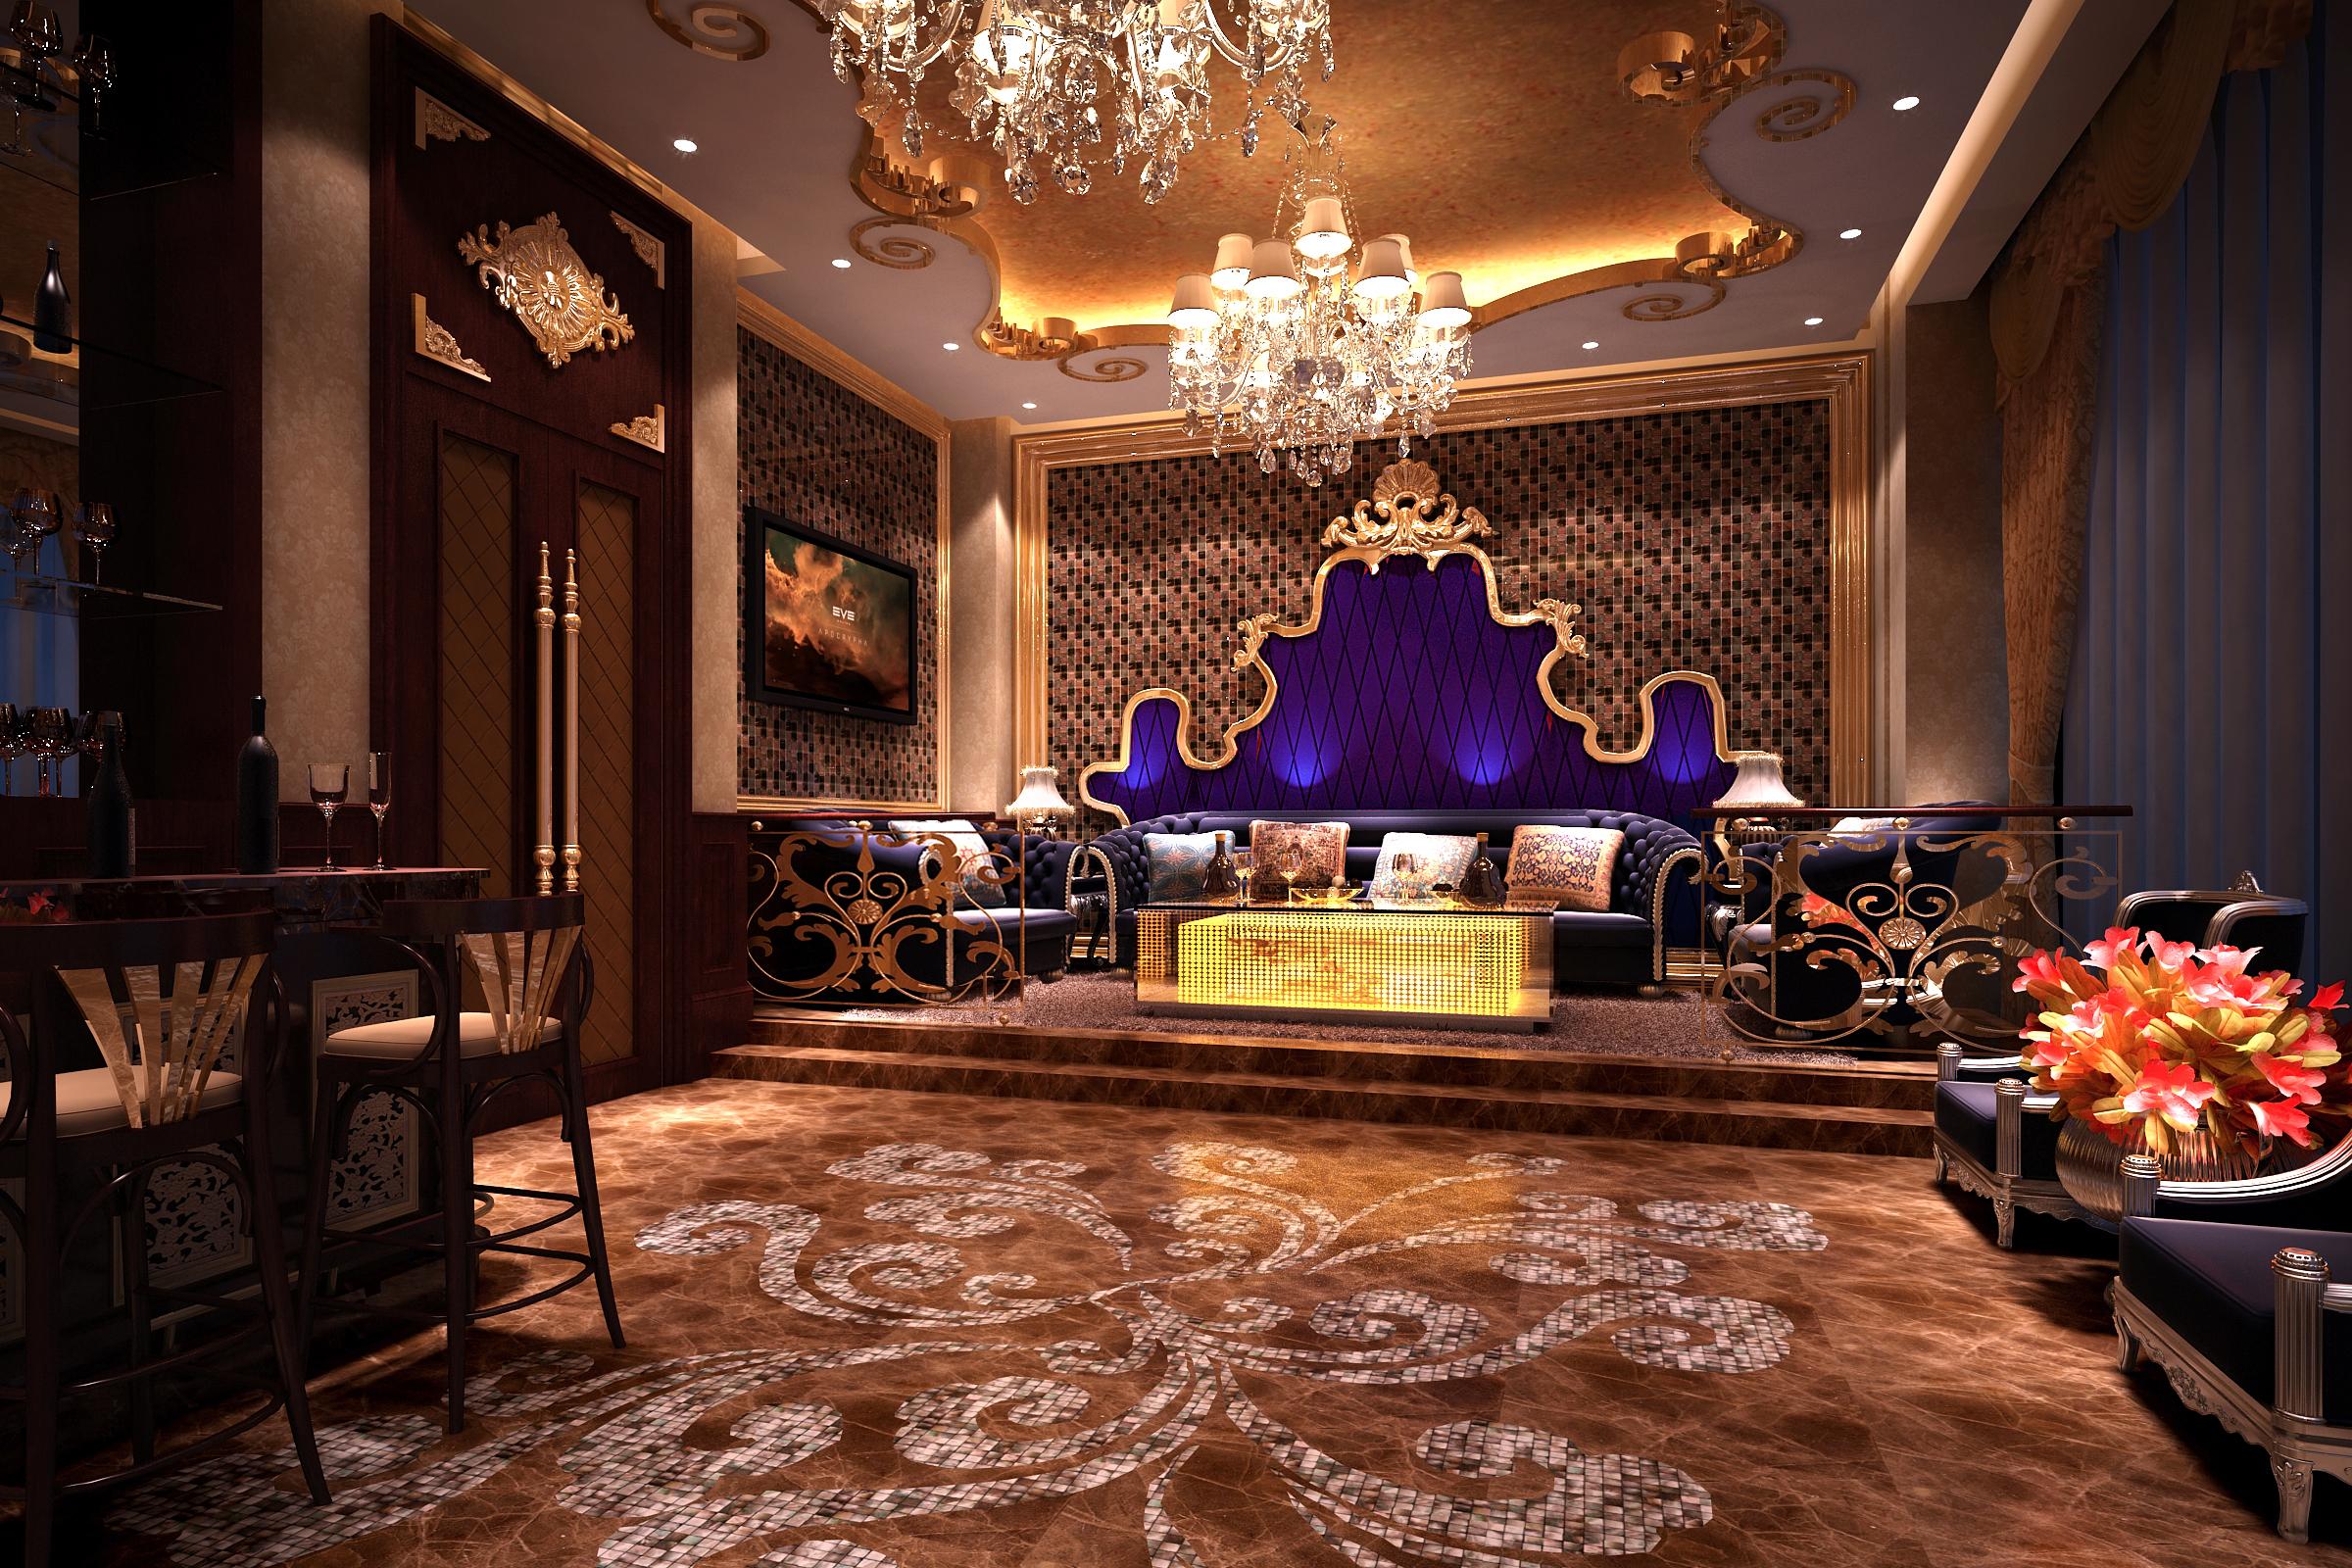 私人会所 欧式装修 装饰装修 工装装修 元洲装饰 其他图片来自北京居然元洲装饰在京城私人会所3600平米设计装修的分享